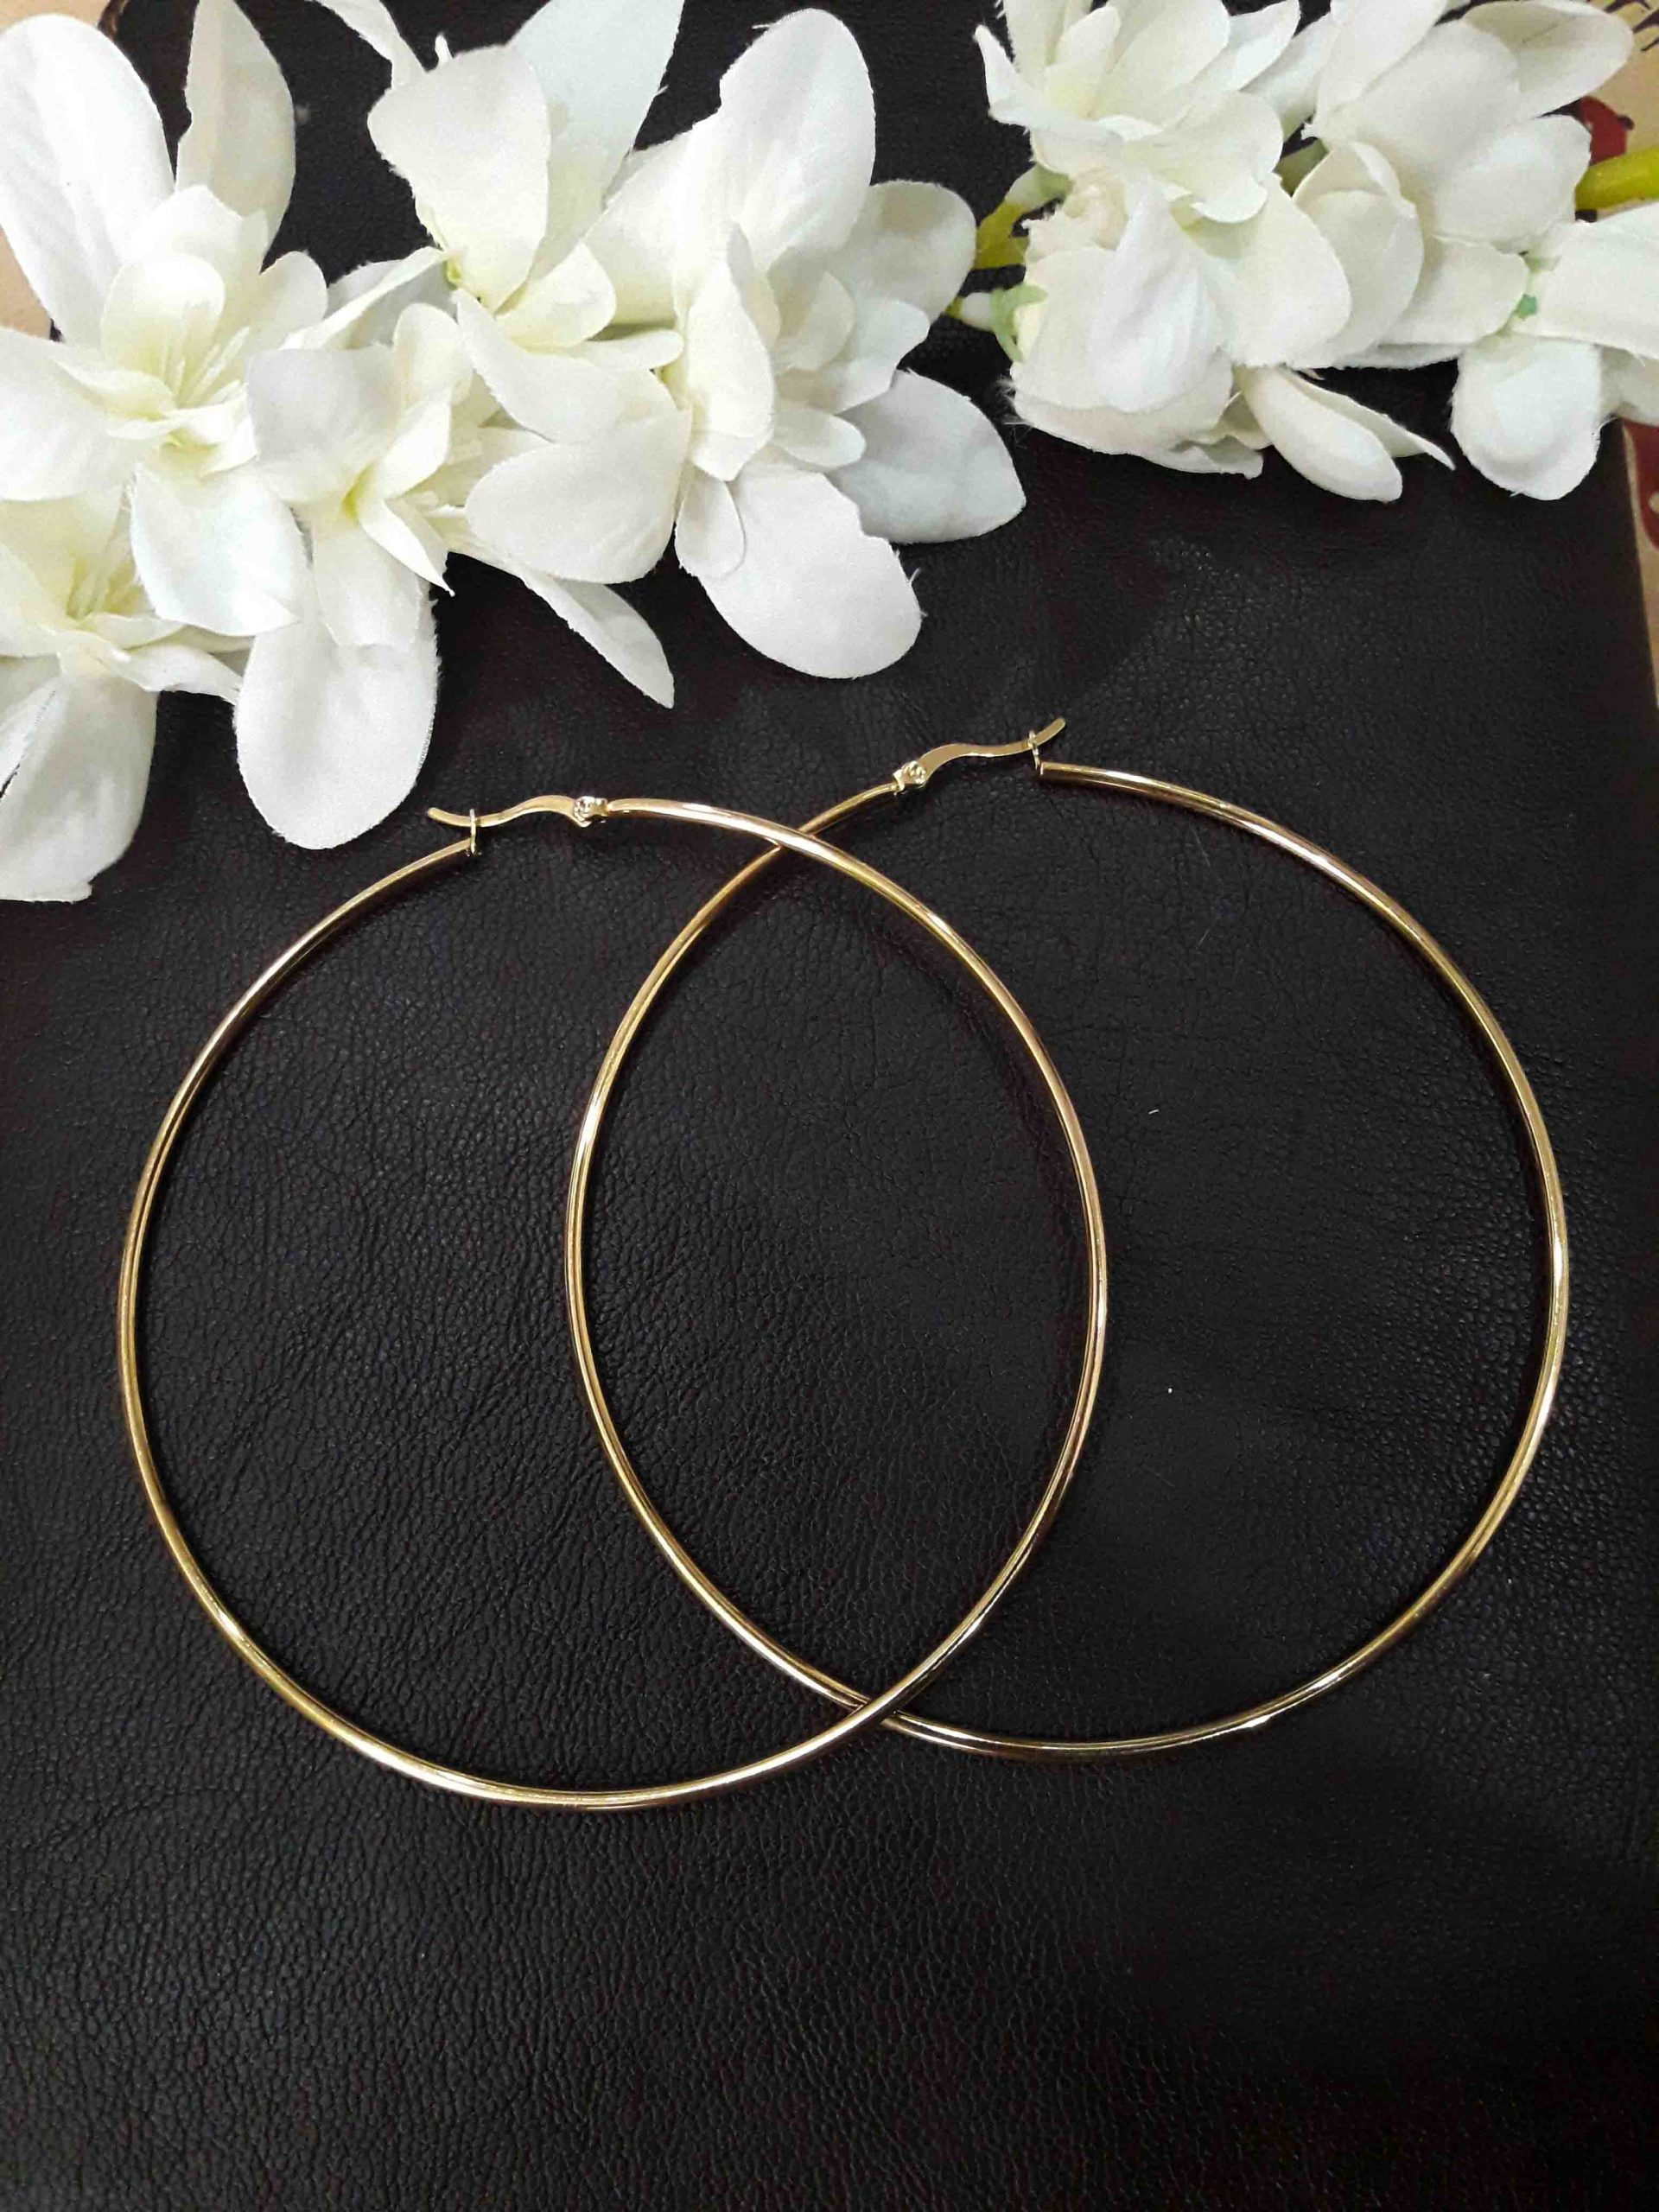 تصویر گوشواره حلقه ای سایز بزرگ طلایی کد b01